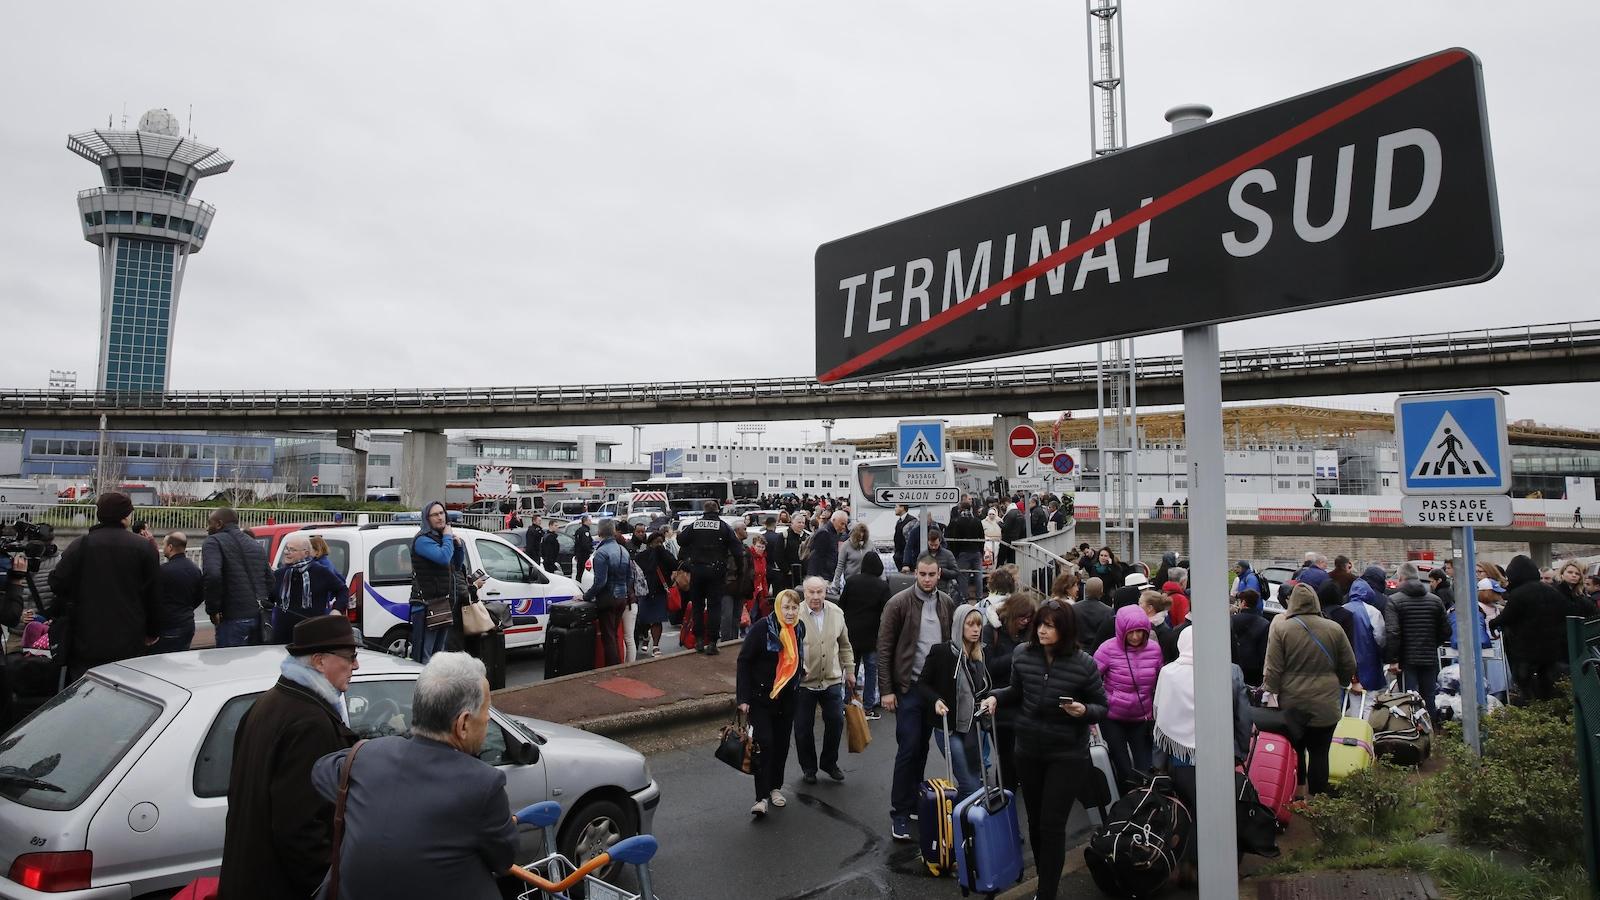 Plus de 3000 personnes ont été évacuées du terminal Sud à l'aéroport d'Orly.